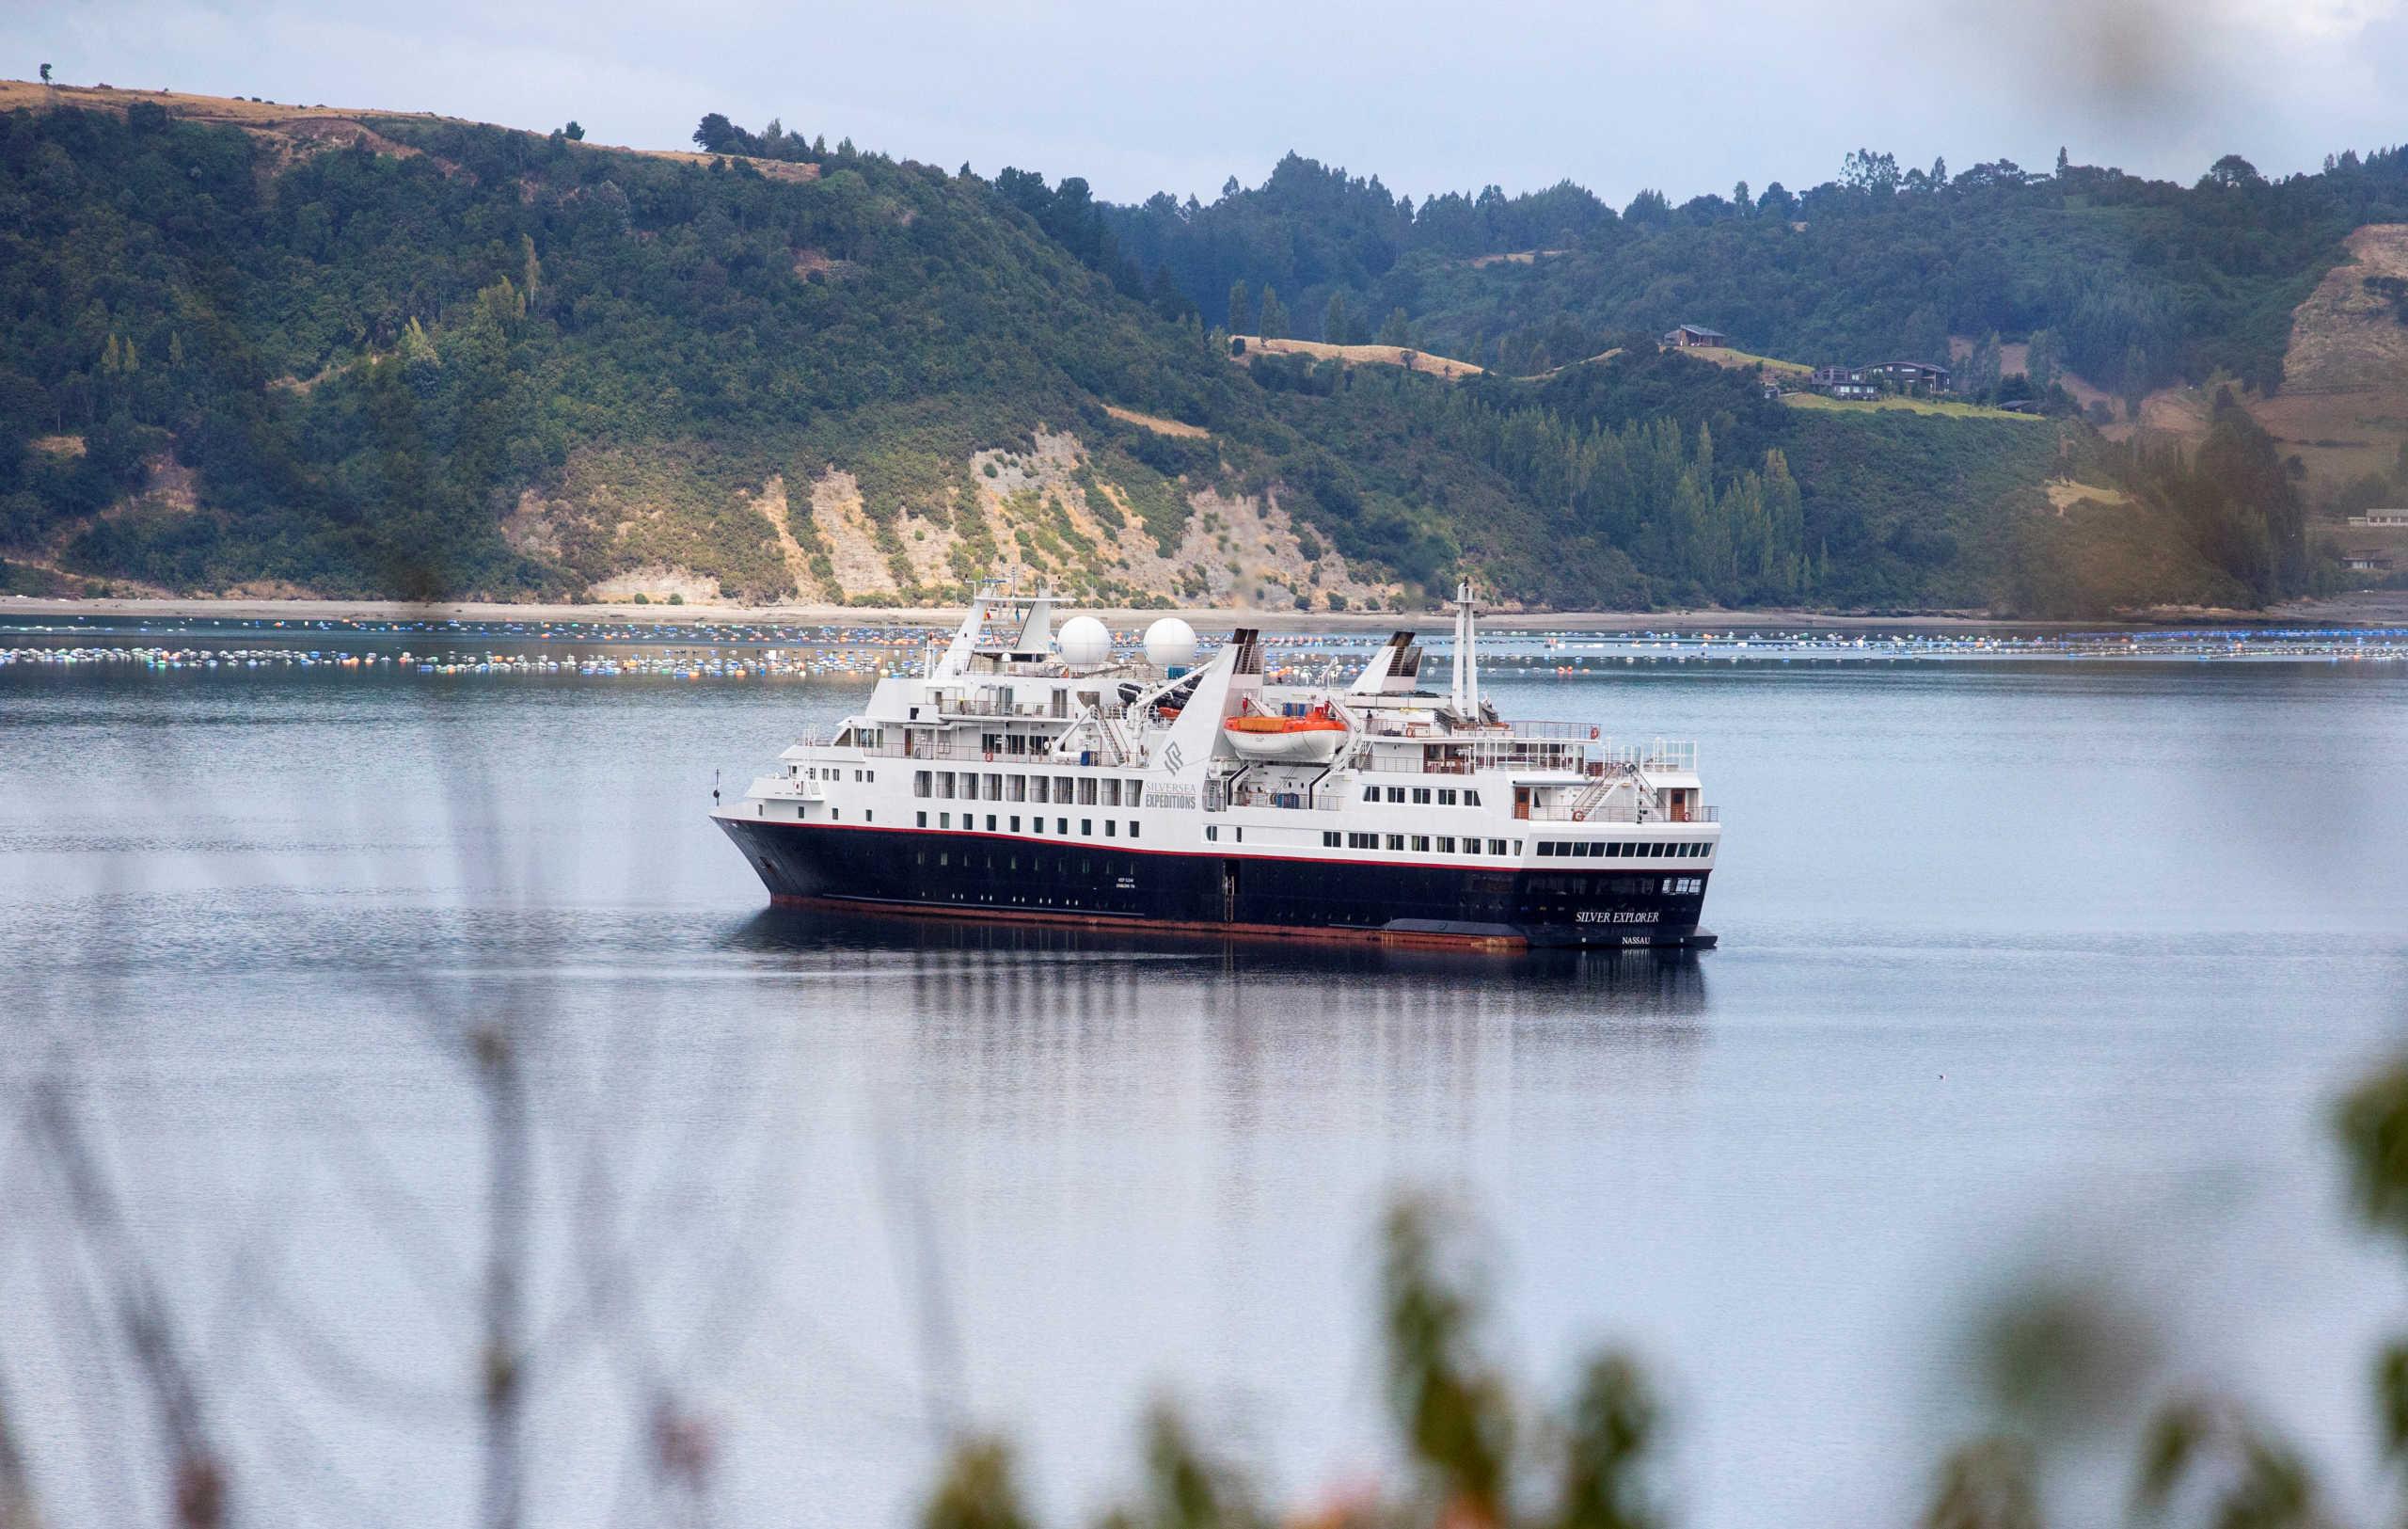 Κορονοϊός: Δυο κρουαζιερόπλοια με 1.300 επιβαίνοντες σε καραντίνα στη Χιλή